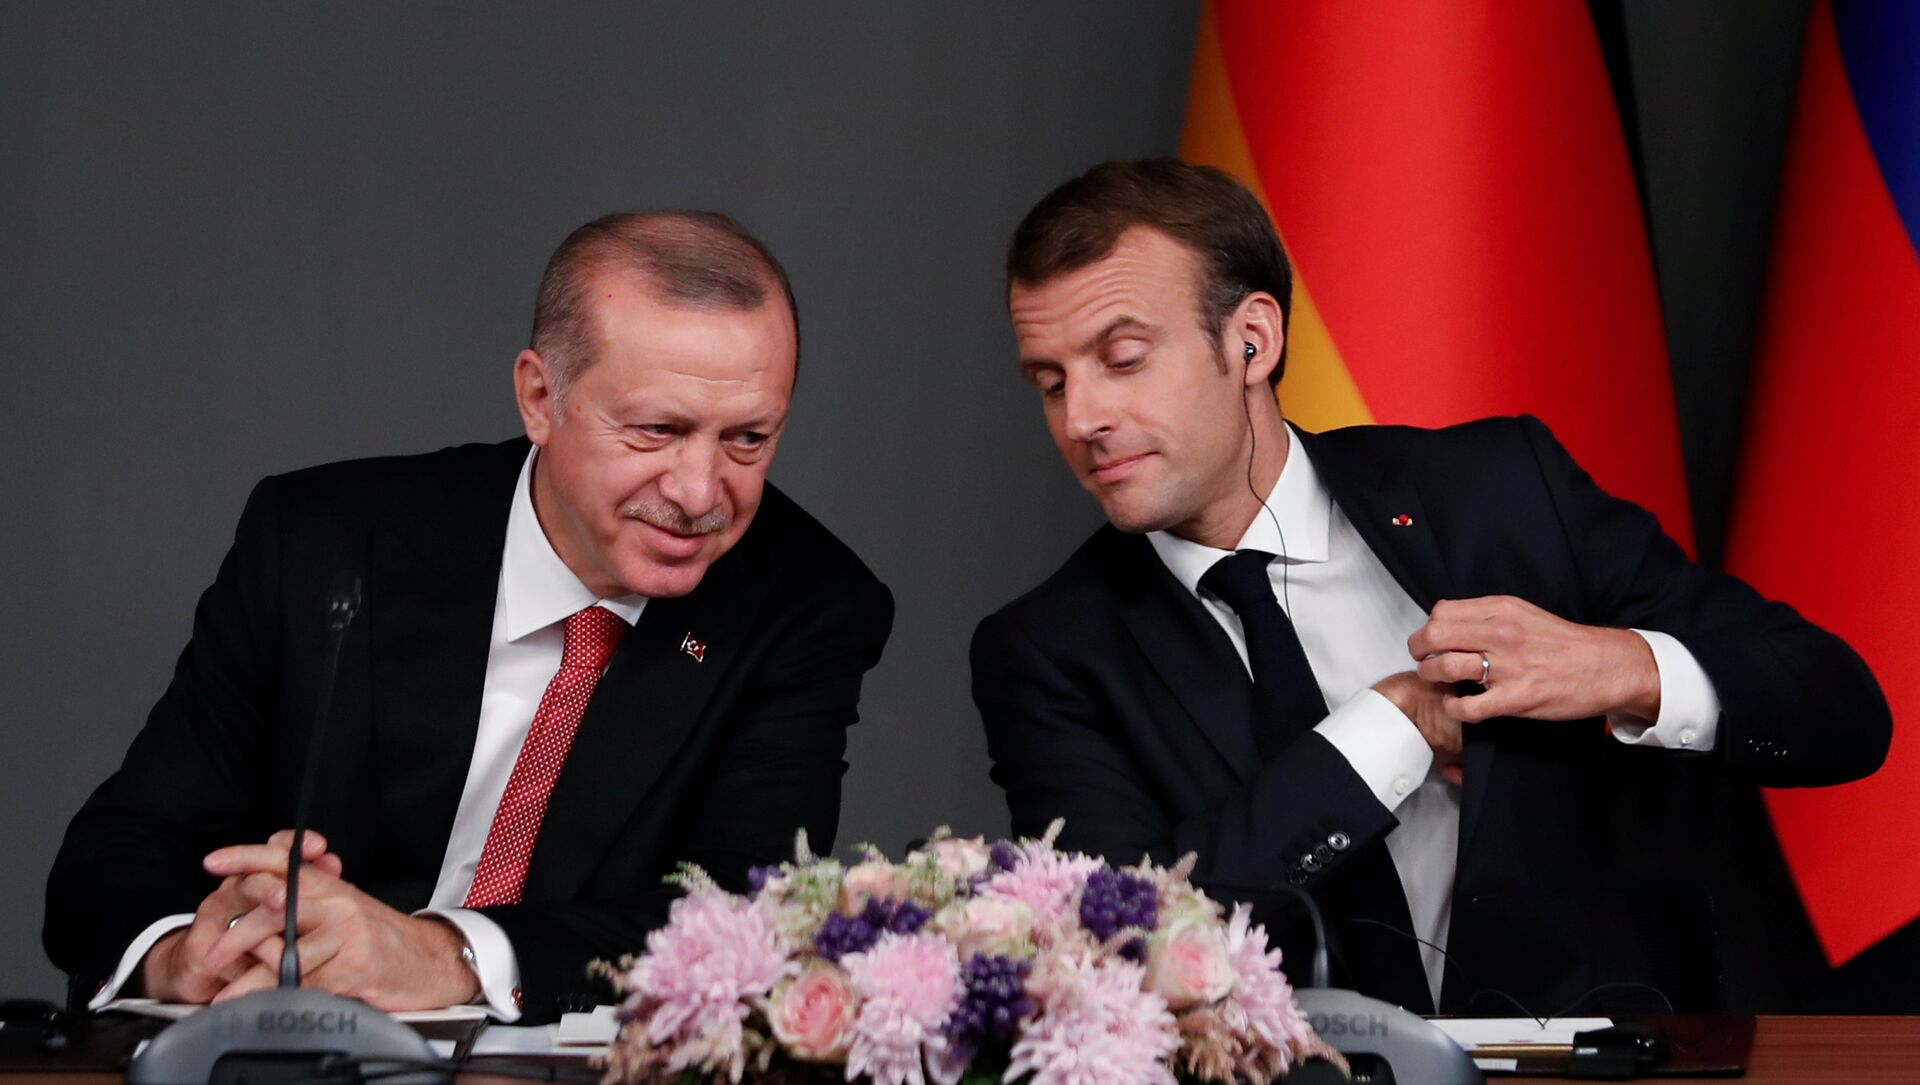 Türkiye Cumhurbaşkanı Recep Tayyip Erdoğan ve Fransa Cumhurbaşkanı Emmanuel Macron - Sputnik Türkiye, 1920, 10.06.2021